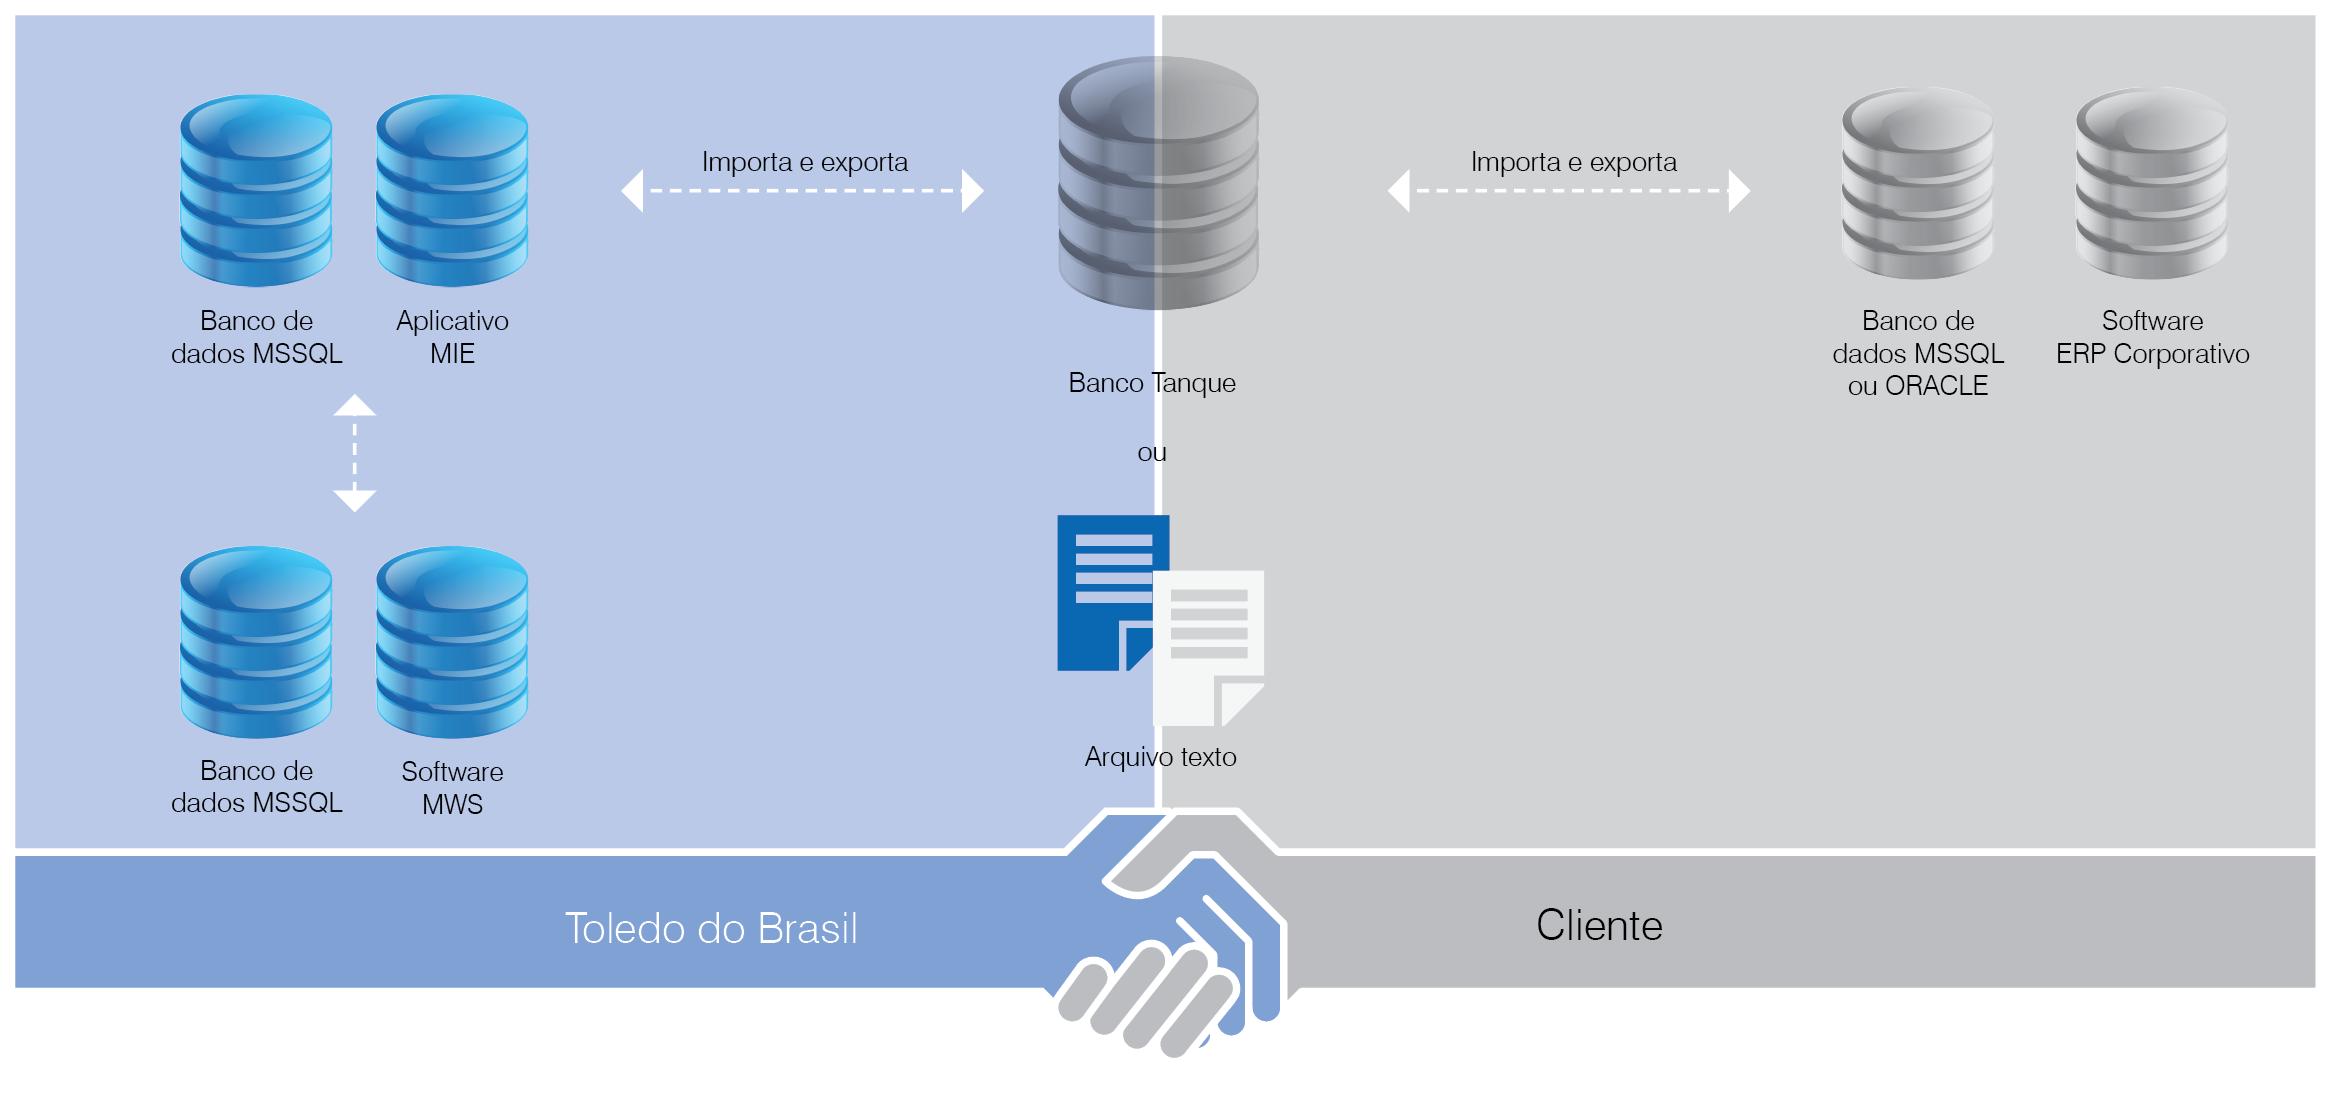 MIE (módulo de importação e exportação de dados)